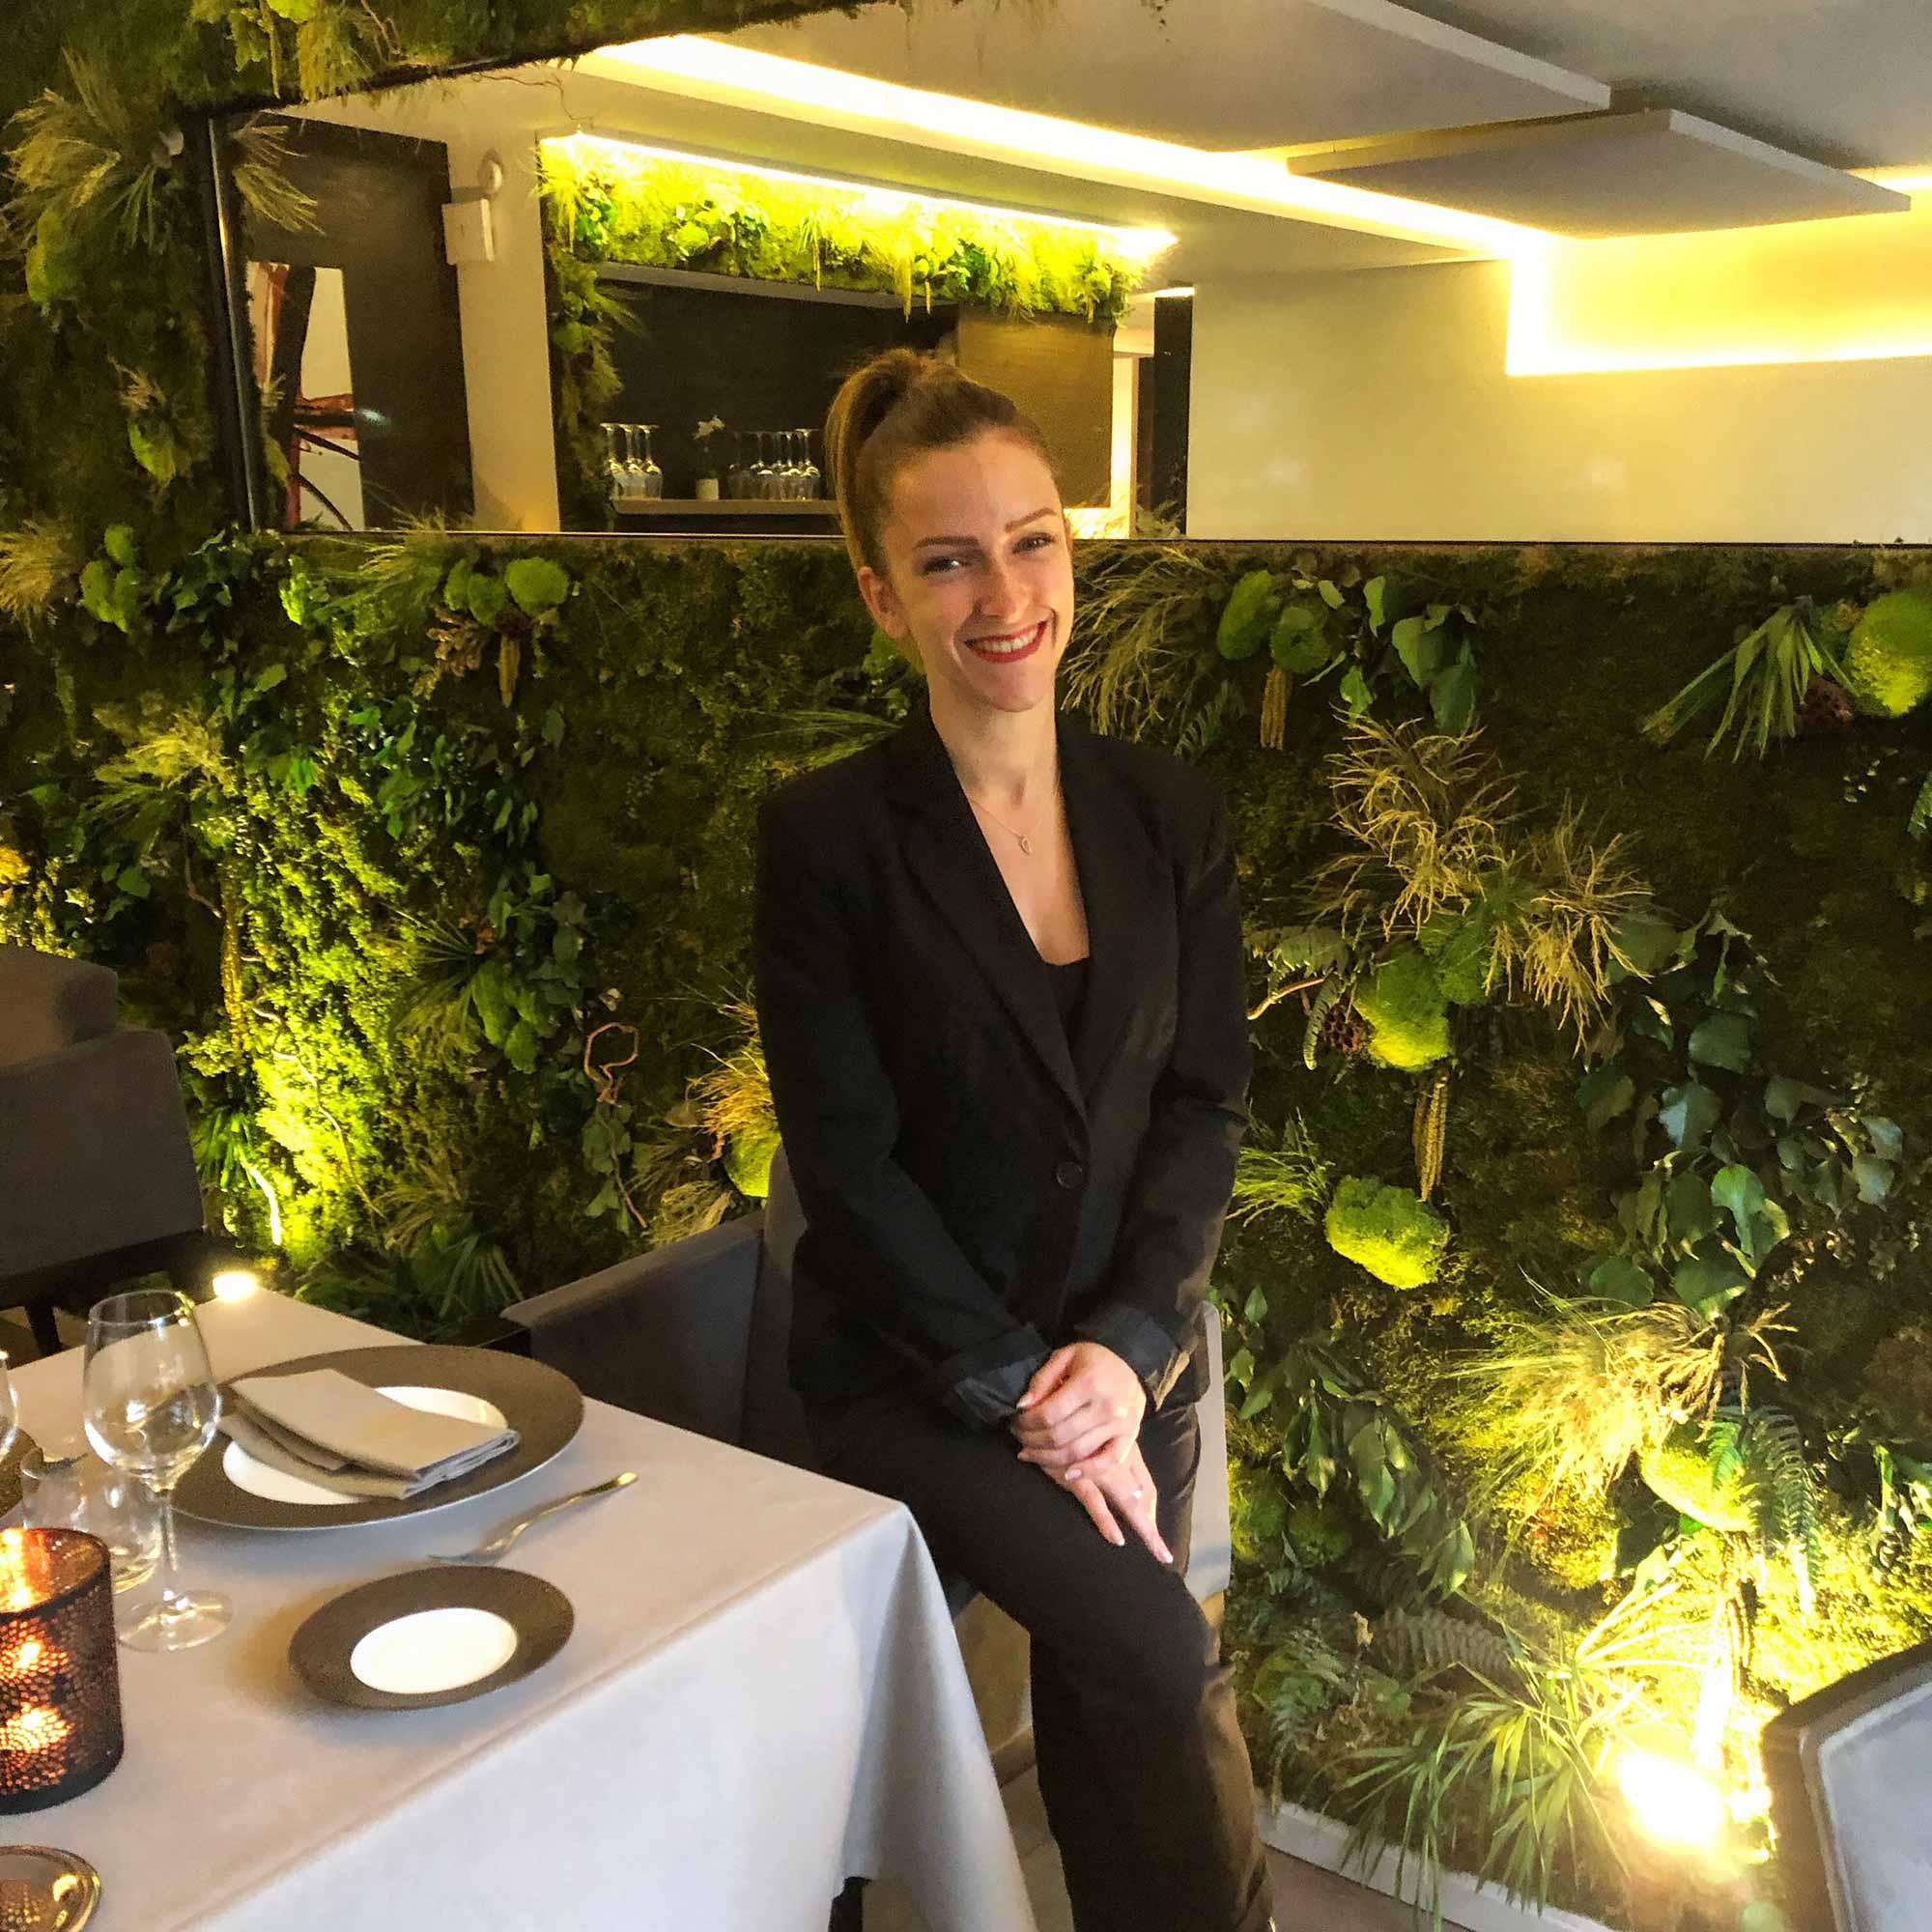 Femme vêtue de noir, dans une salle de restaurant avec un mur végétal en arrière-plan